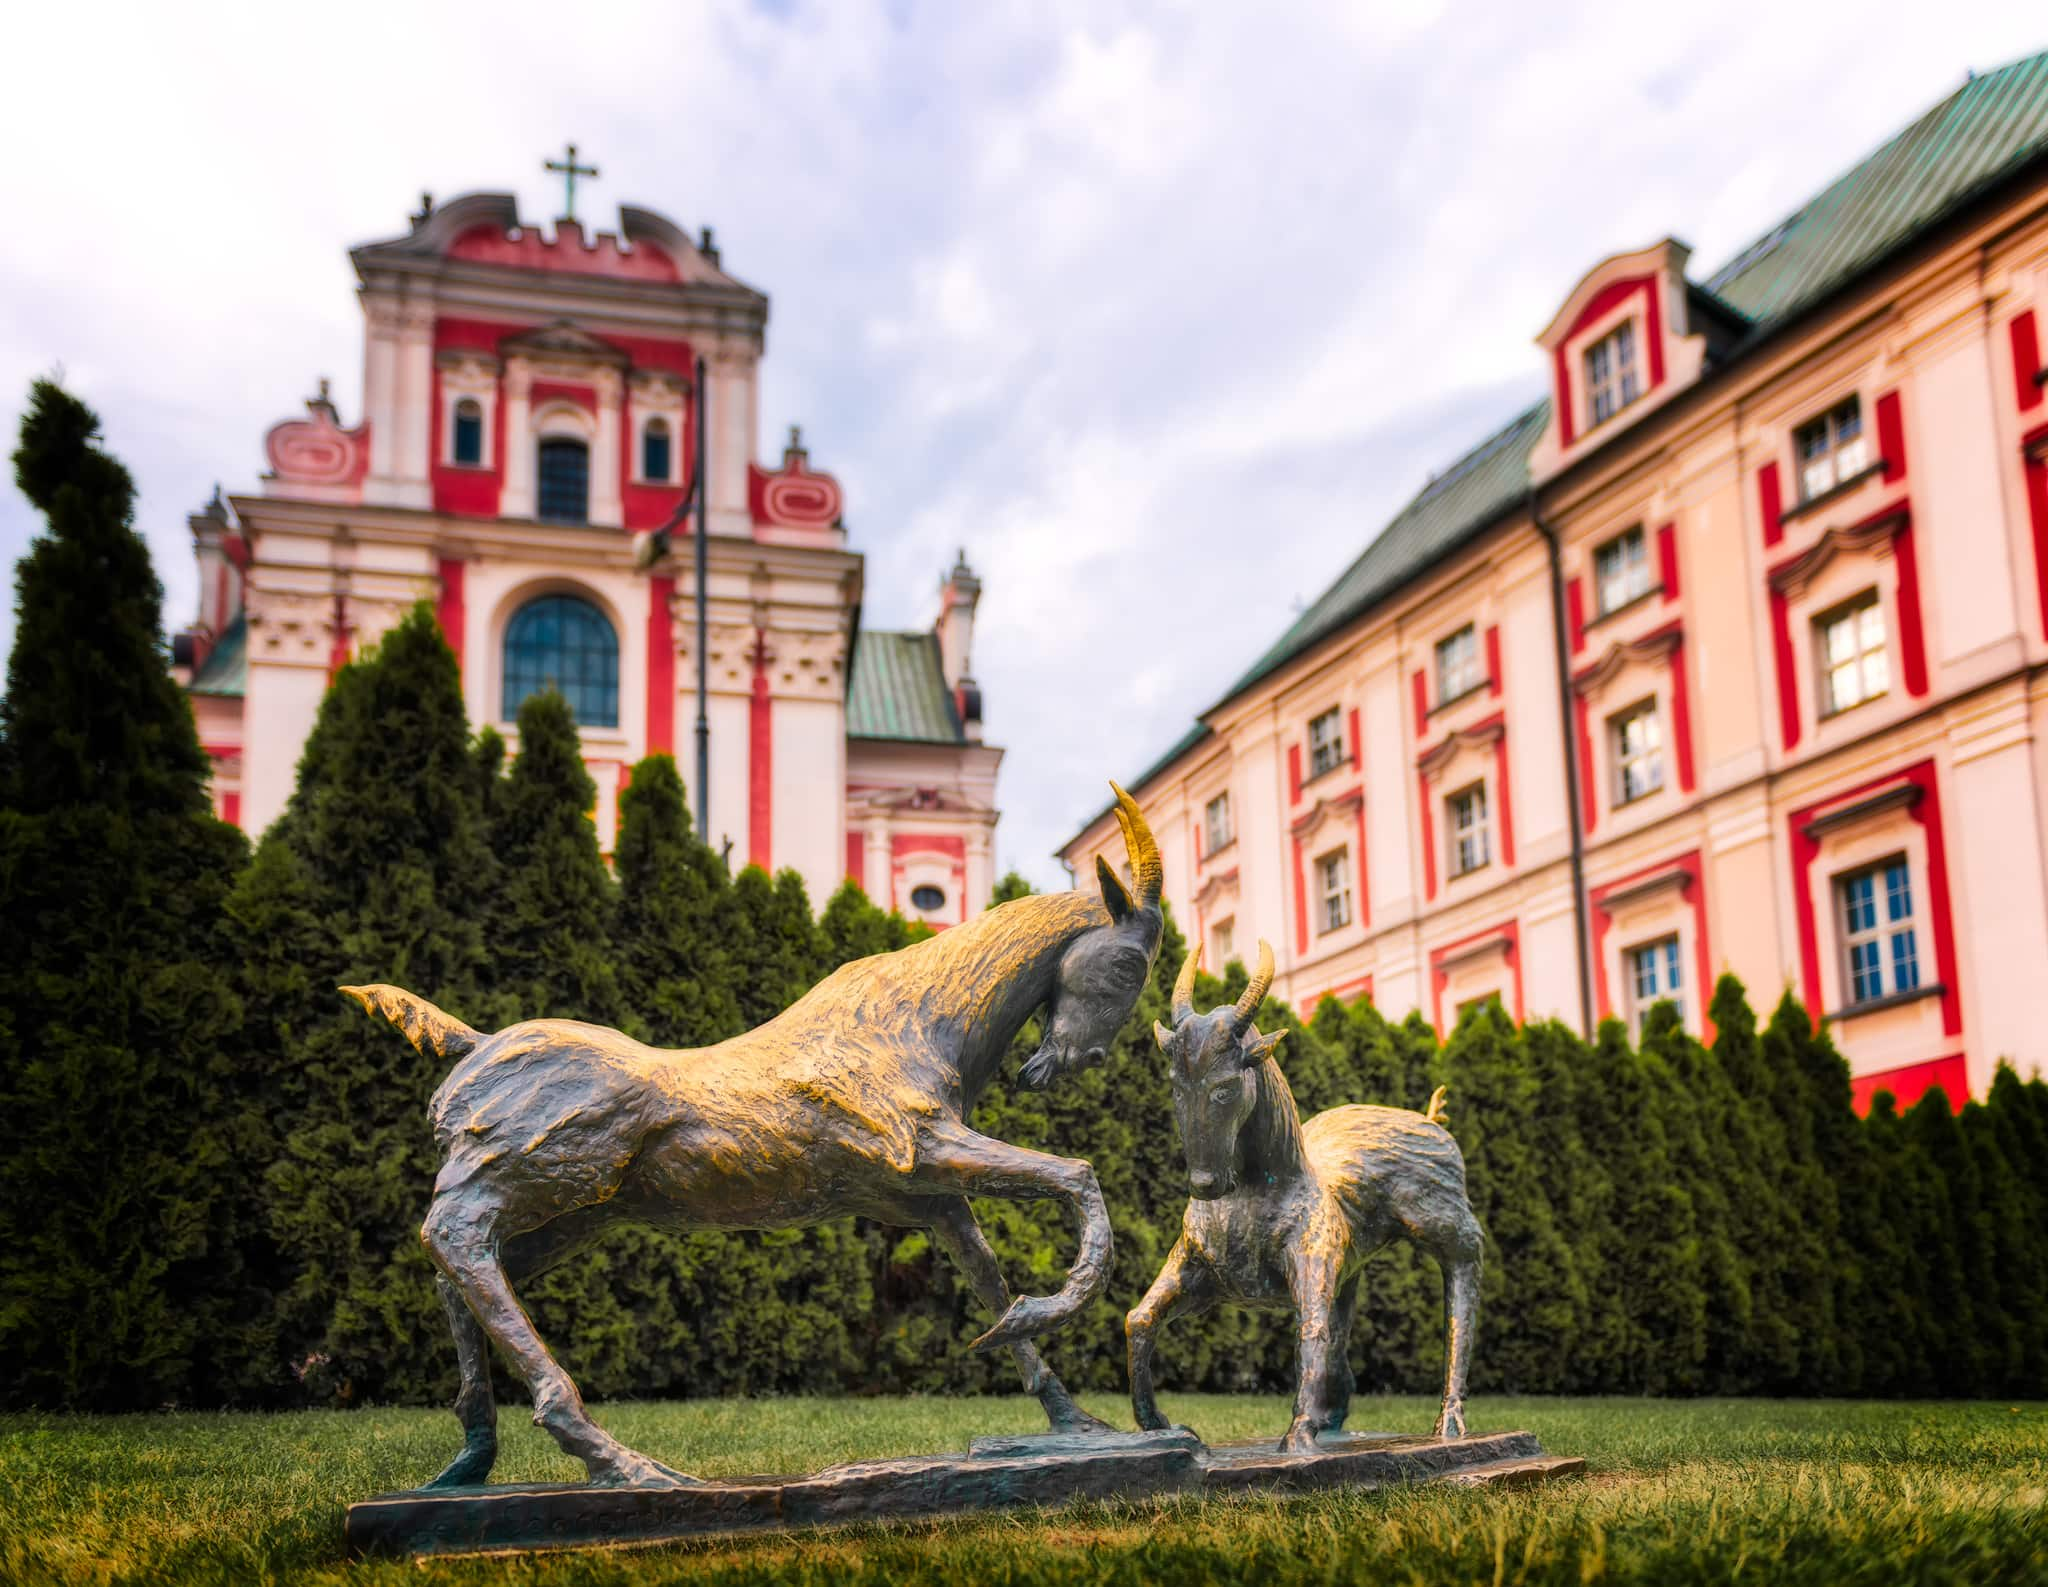 Ziegen - Symbol von Posen; Polen